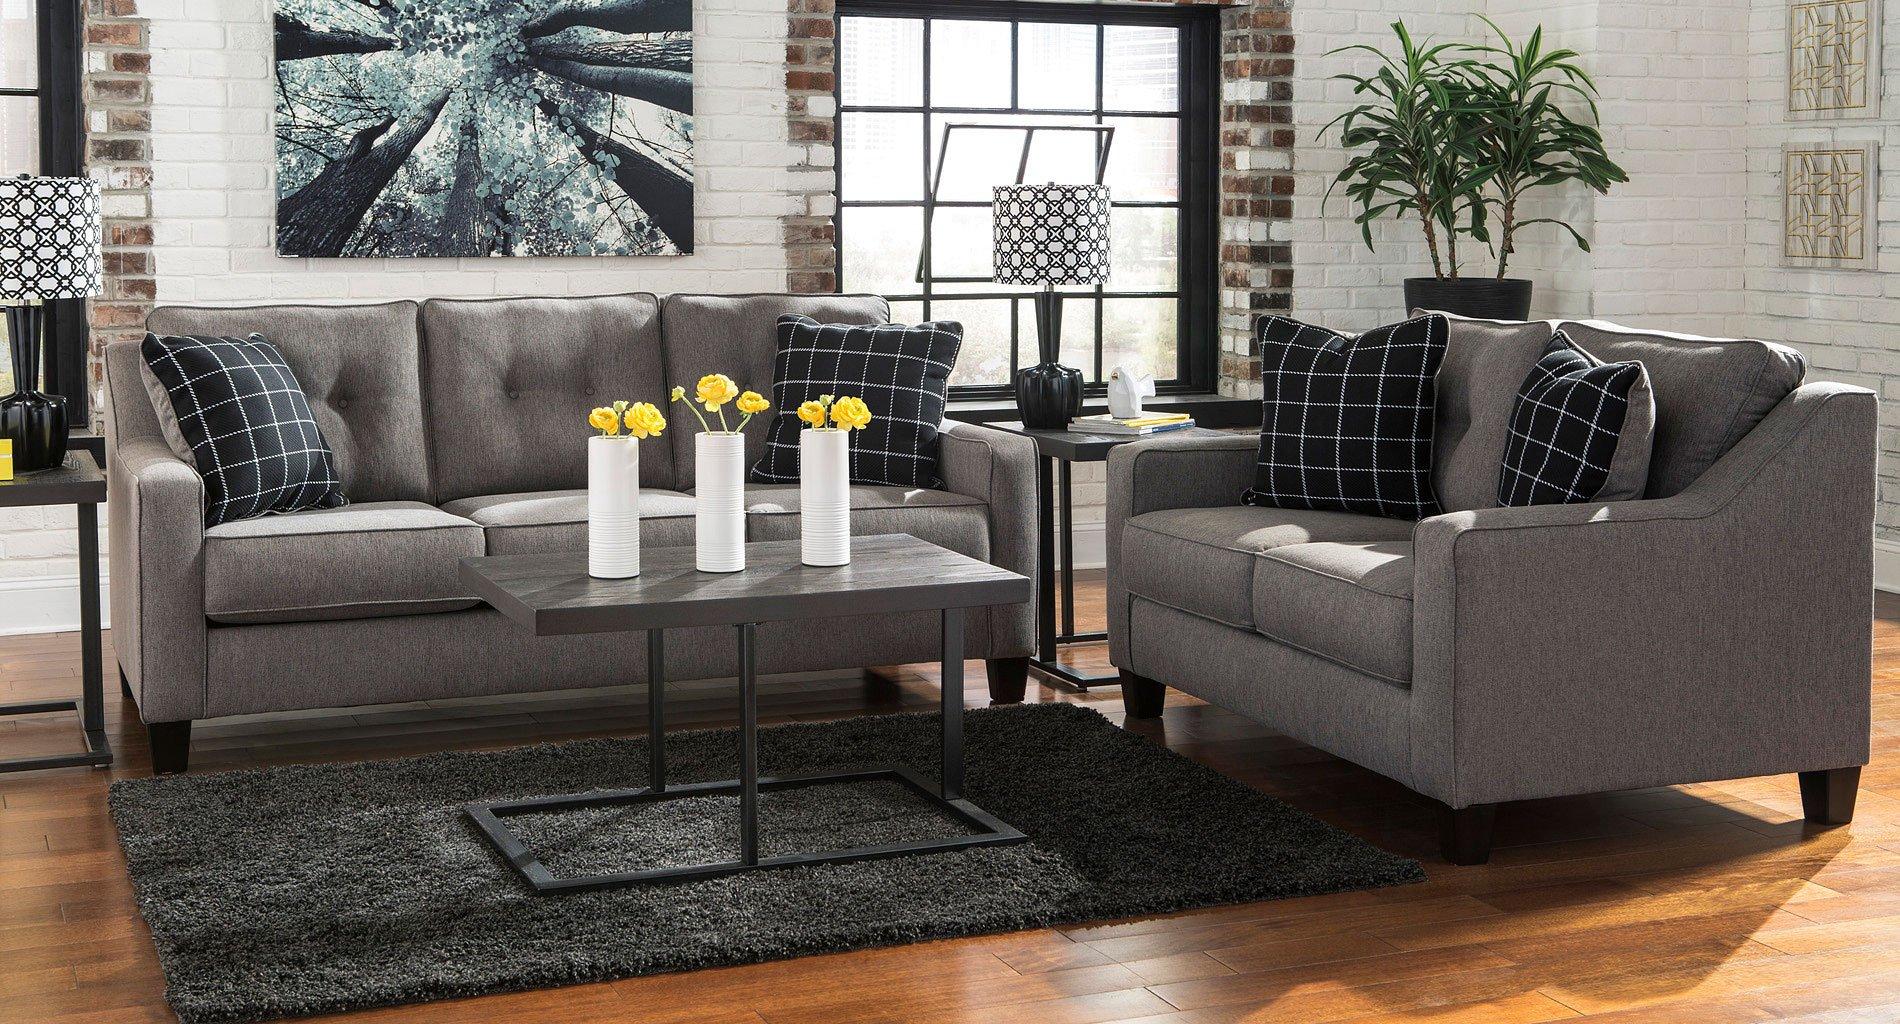 Pulaski Furniture Bedroom Sets Brindon Charcoal Living Room Set Living Room Sets